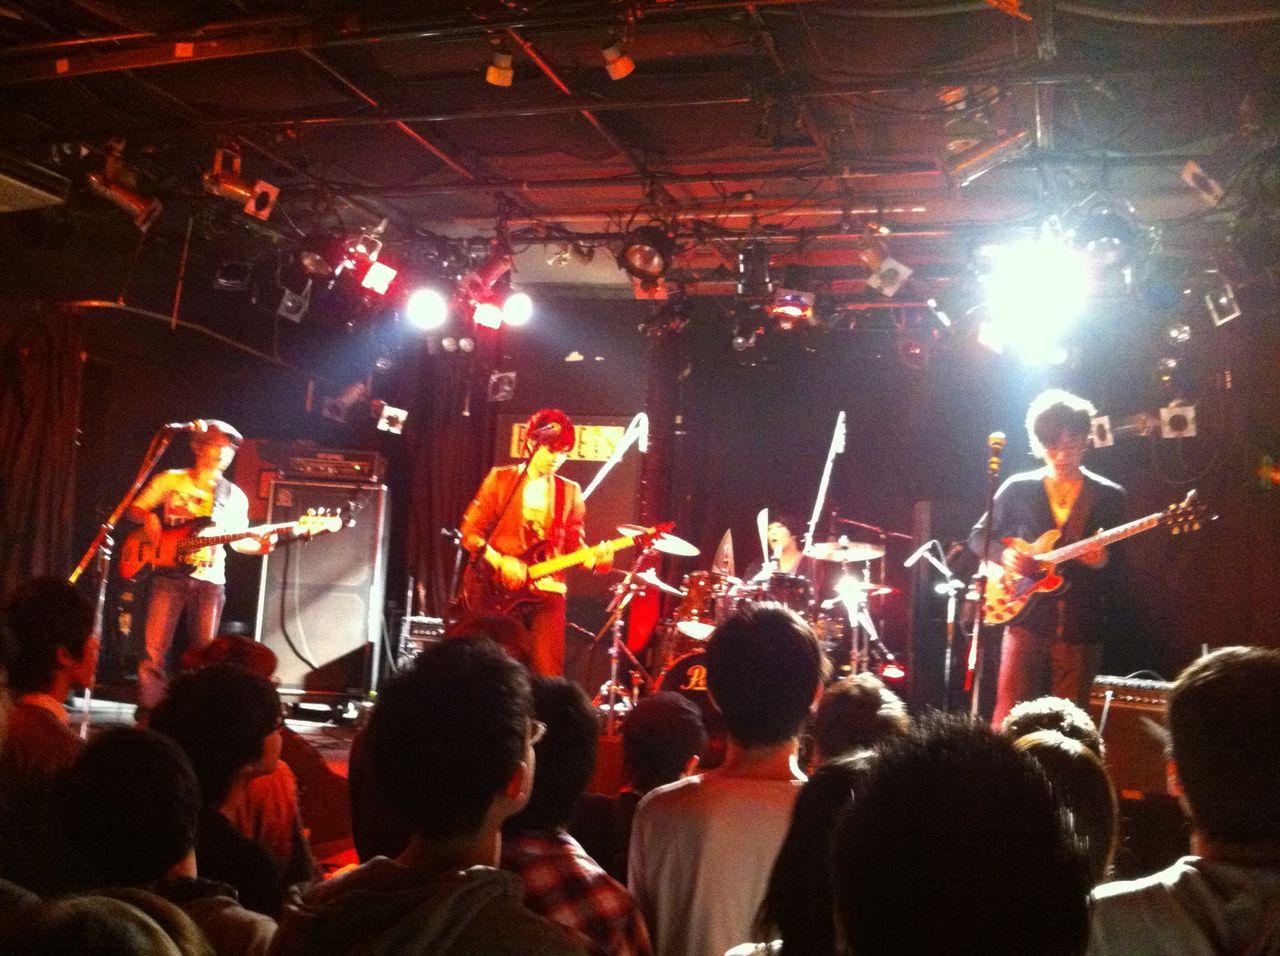 2012-05-04 - OB LIVE at ROCKETS